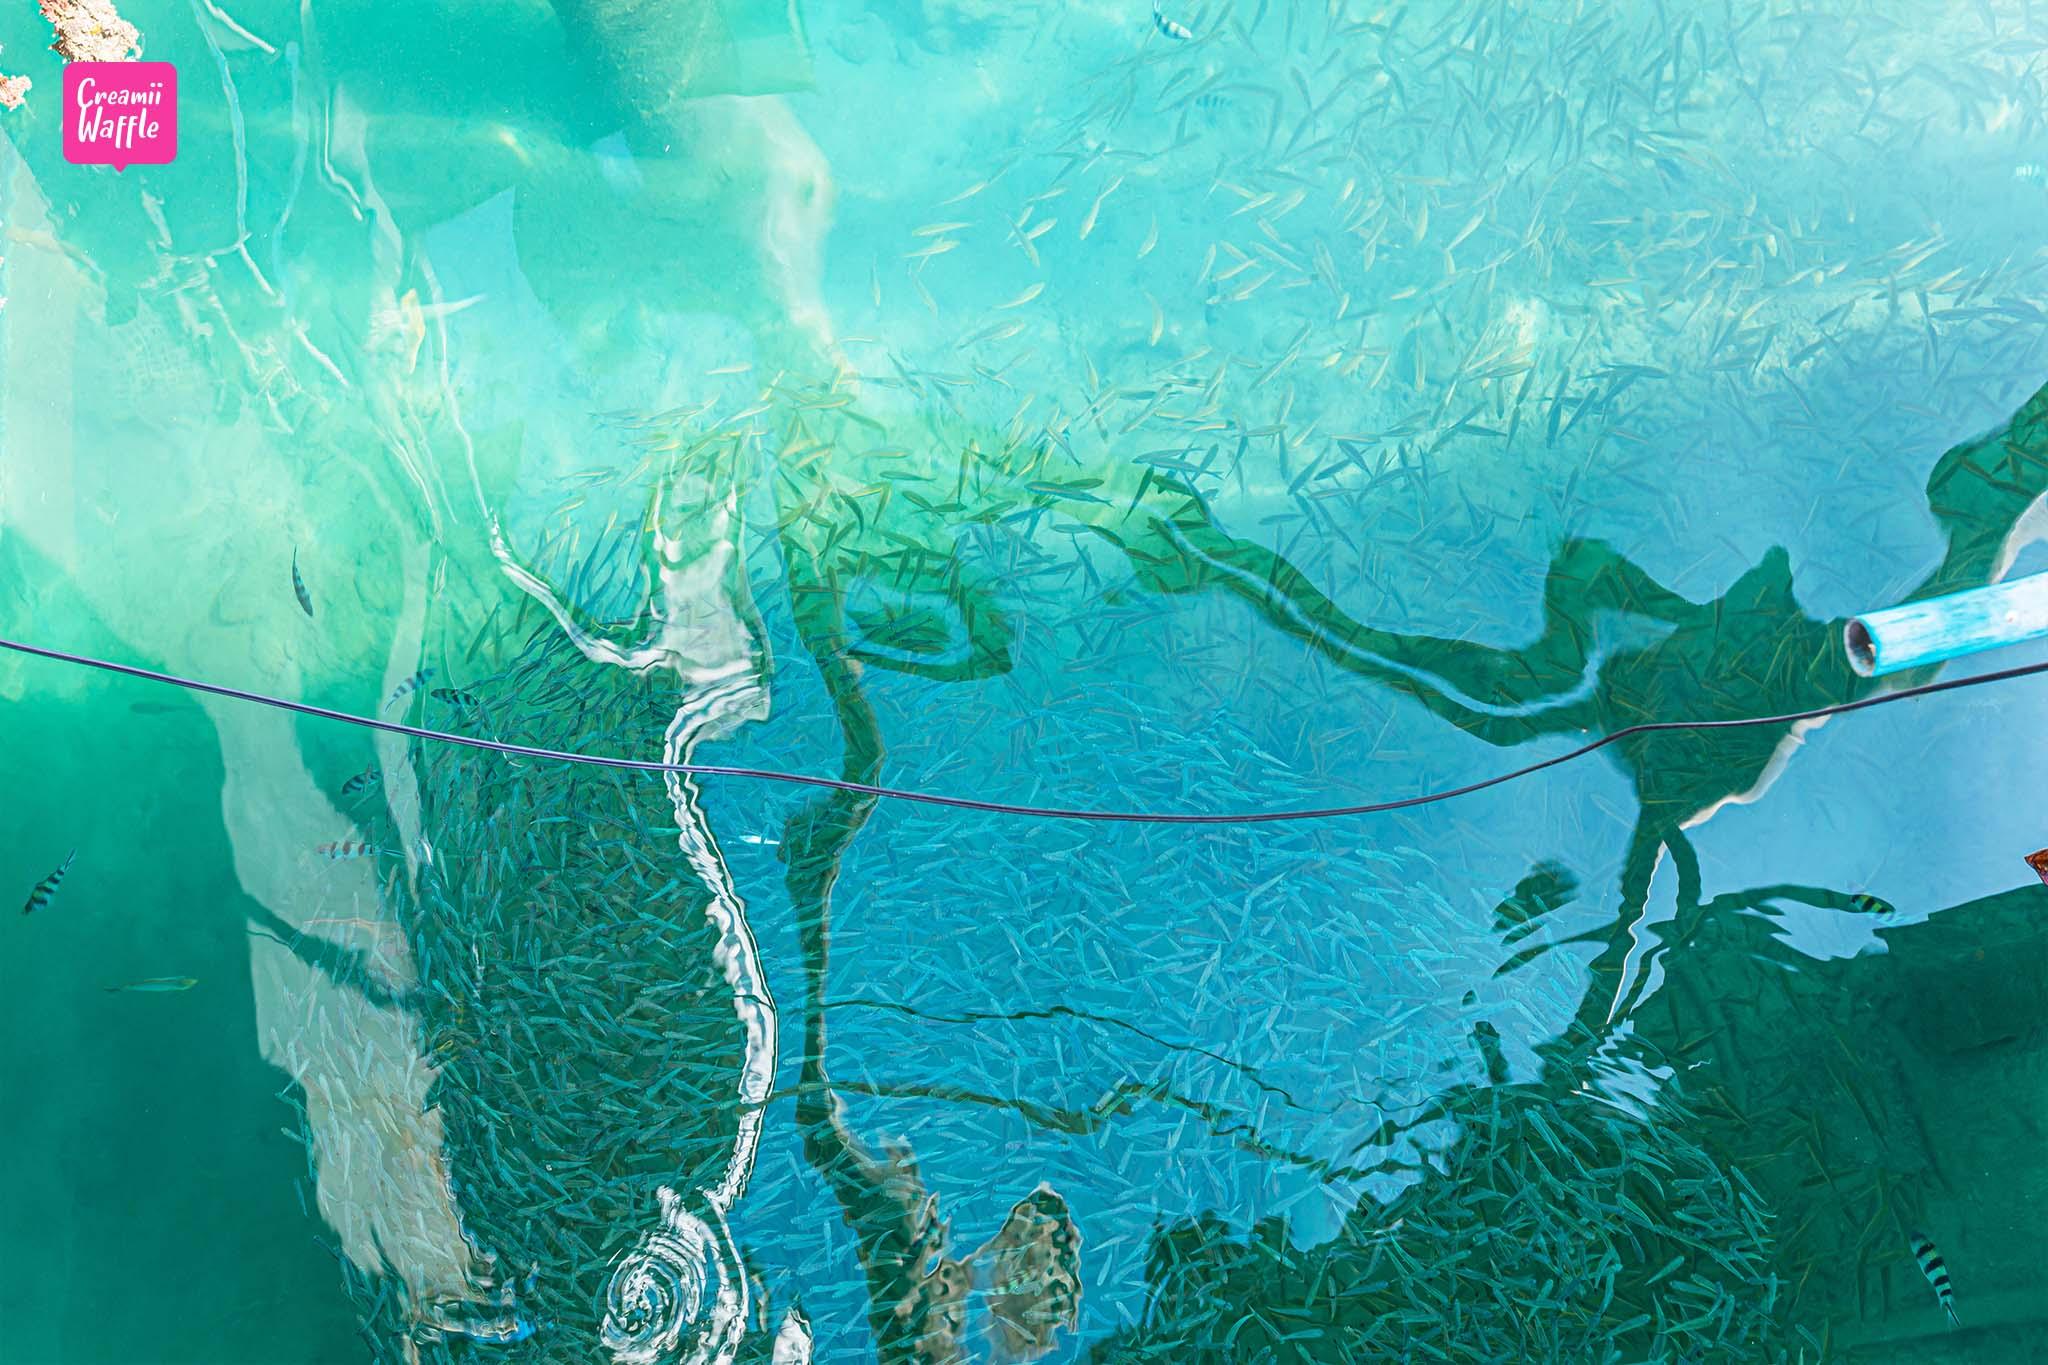 KOH TAO คู่มือท่องเที่ยวเกาะเต่า ใสมาก